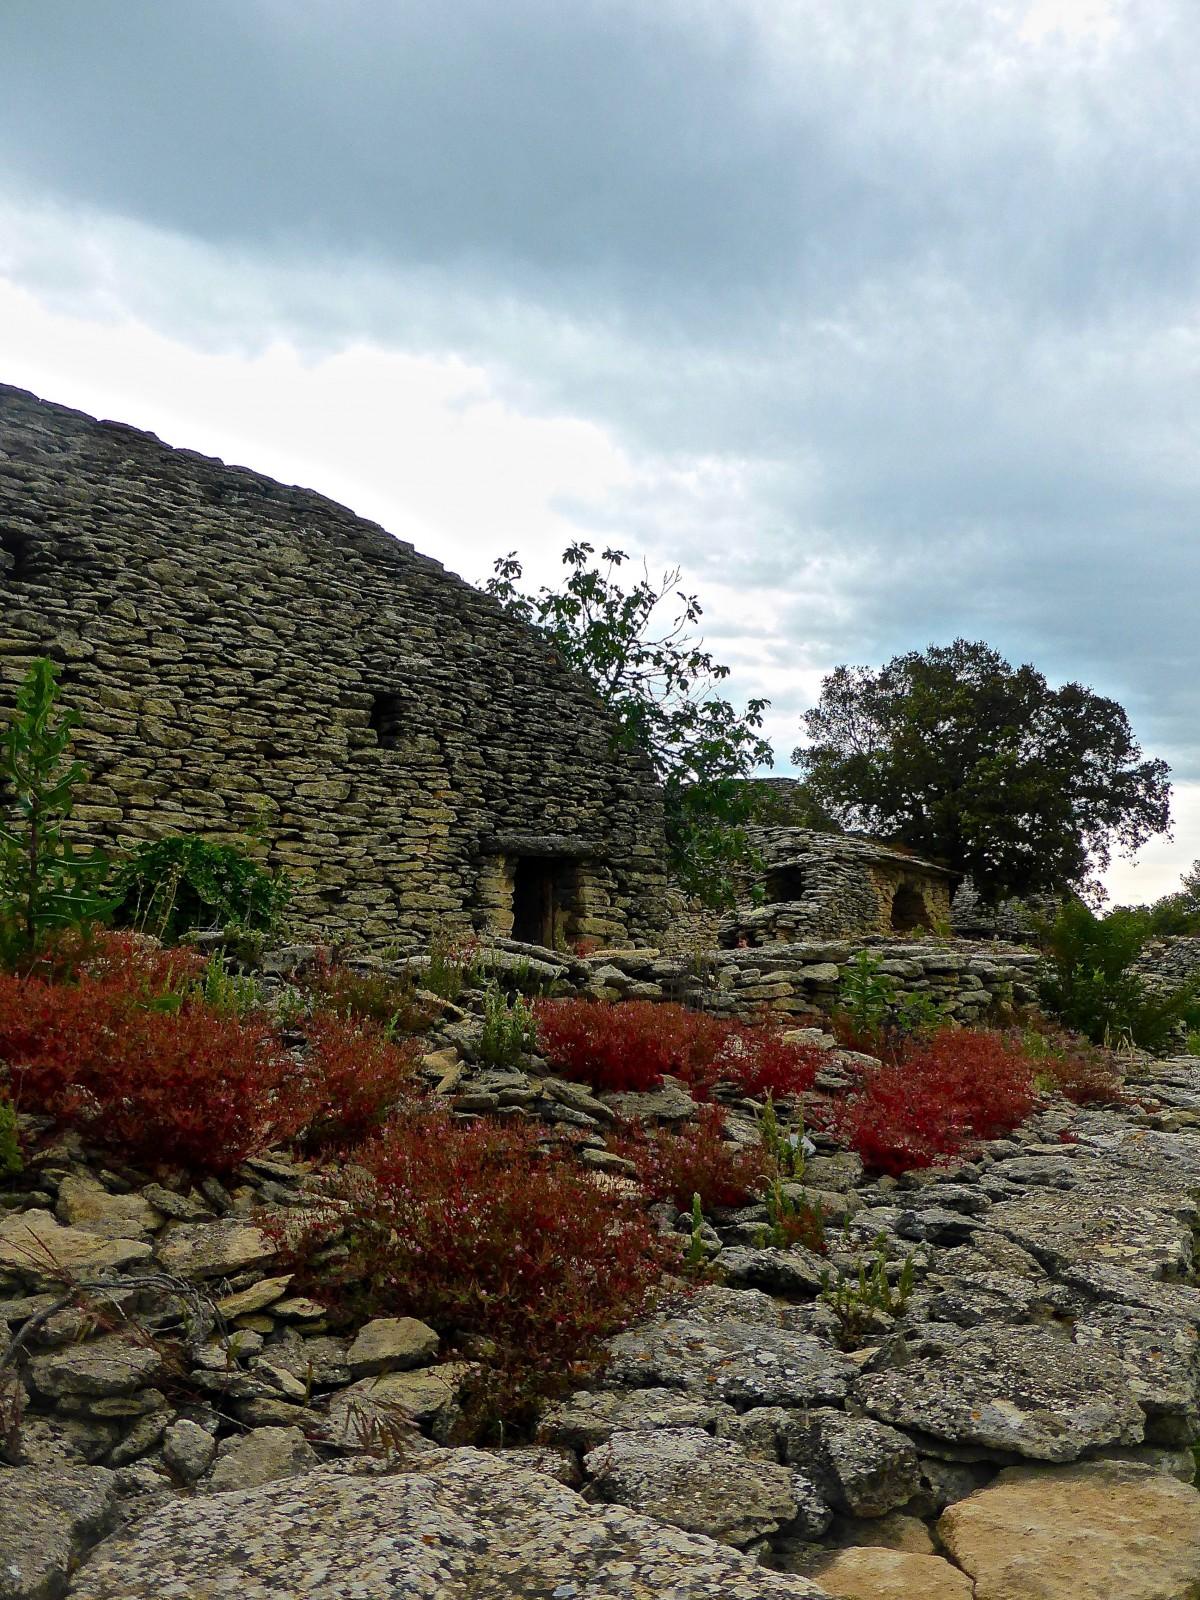 Fiori Da Giardino In Montagna immagini belle : paesaggio, albero, roccia, montagna